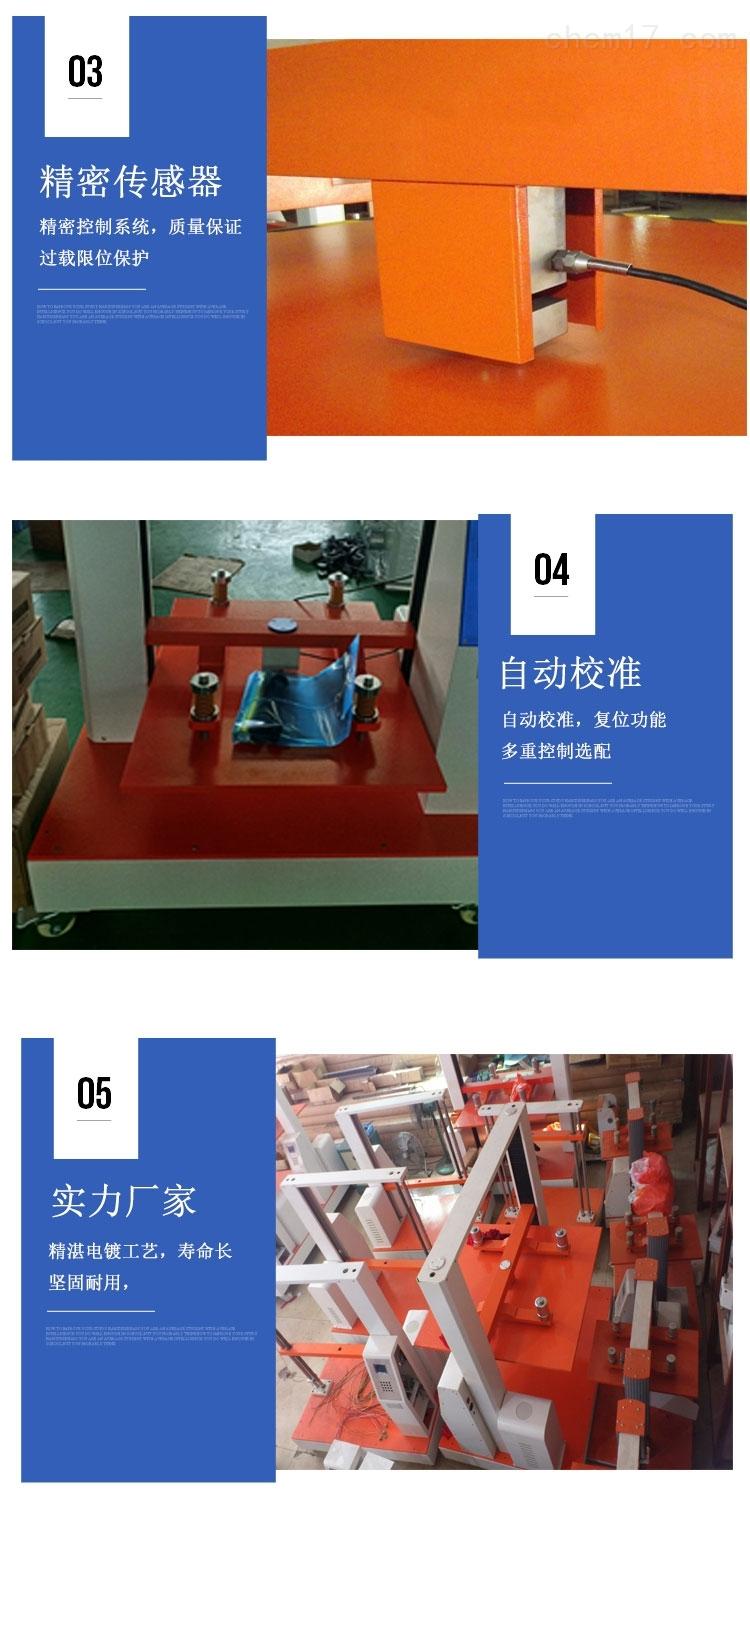 空箱纸箱抗压强度仪 整箱堆码试验机 PY-H620包装抗压试验机